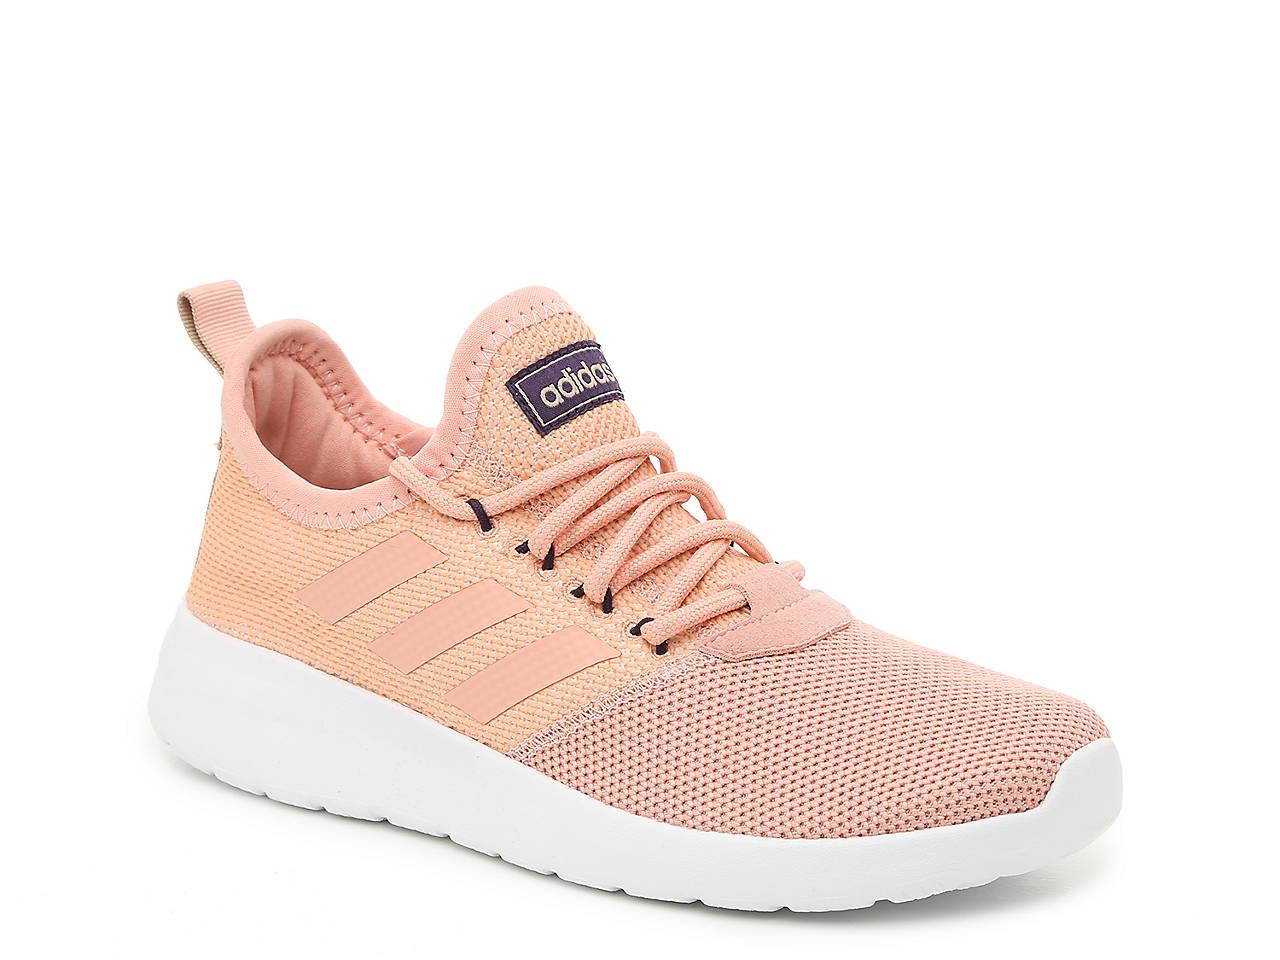 27d990871fd adidas Lite Racer RBN Sneaker - Women's Women's Shoes | DSW